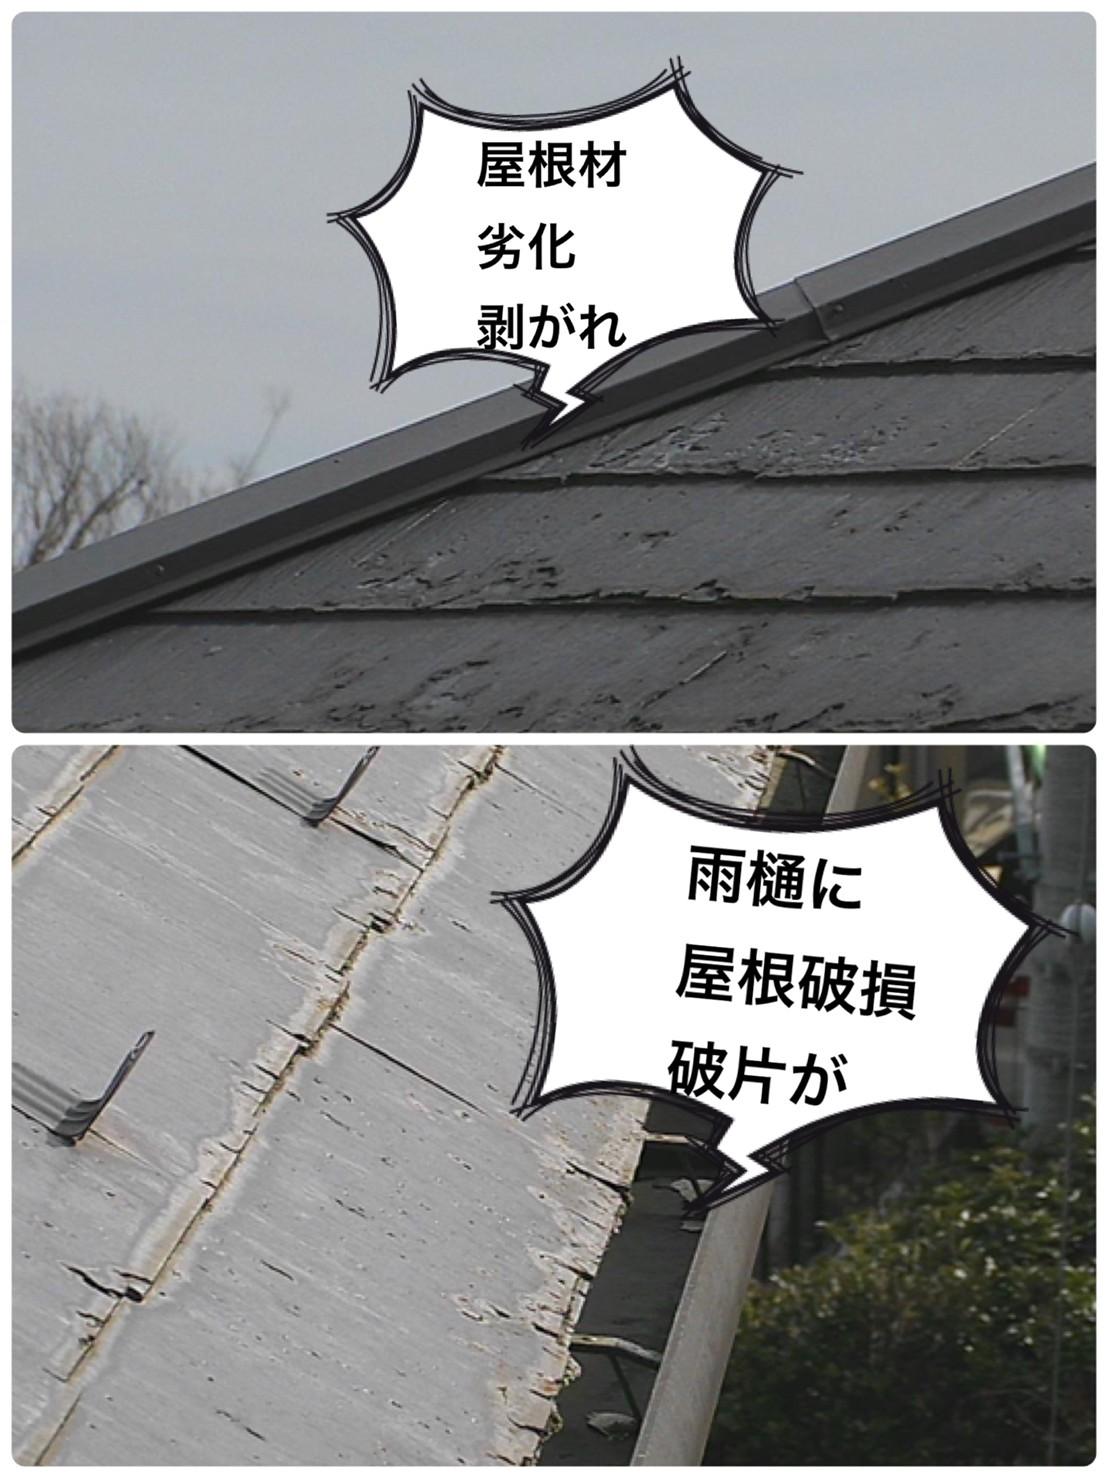 スレート屋根調査🔎